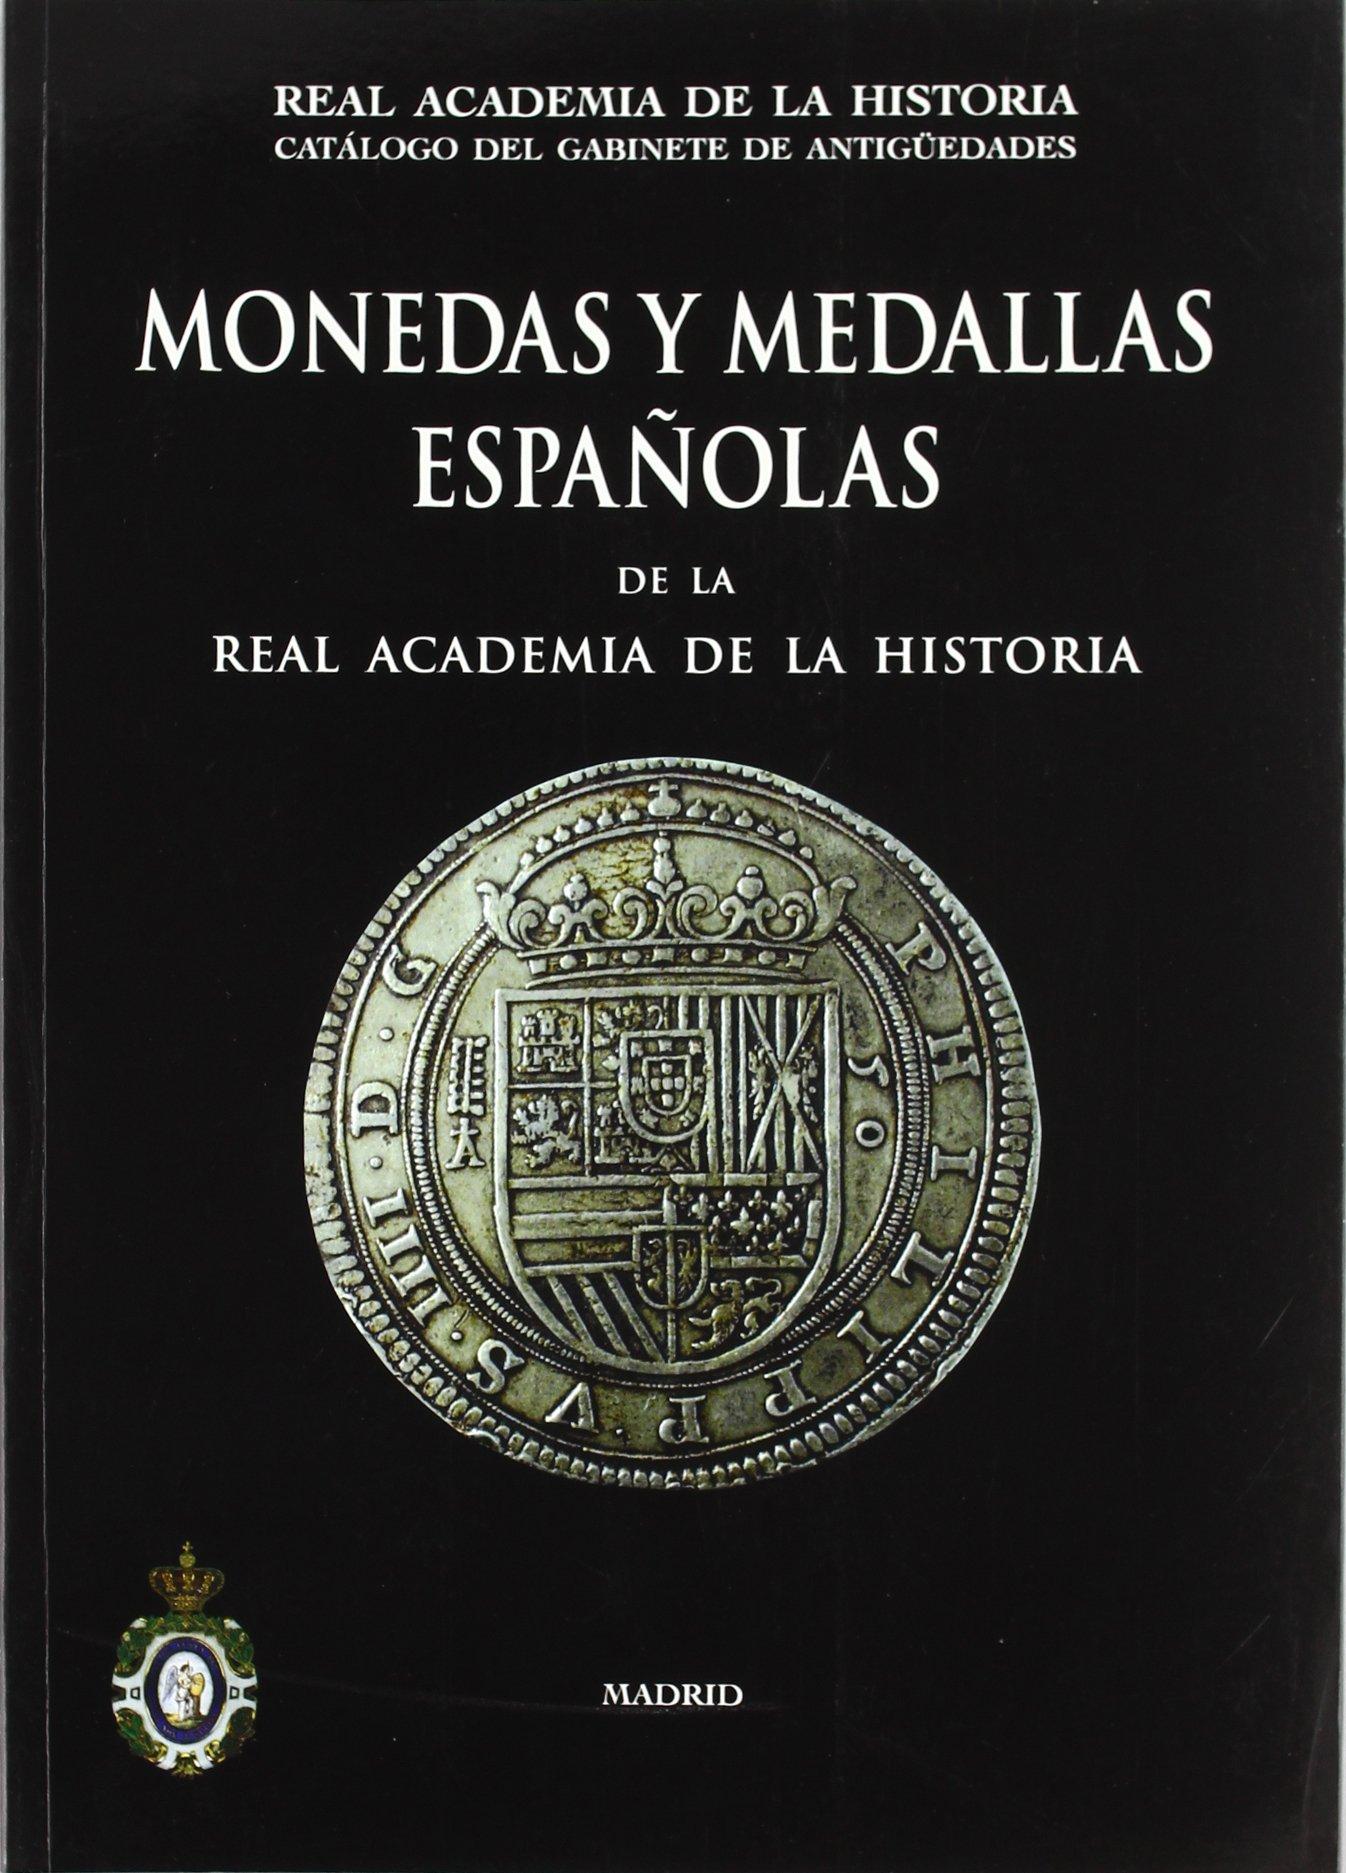 Monedas y Medallas españolas de la Real Academia de la Historia. Bibliotheca Numismática Hispana.: Amazon.es: Almagro, Martin: Libros